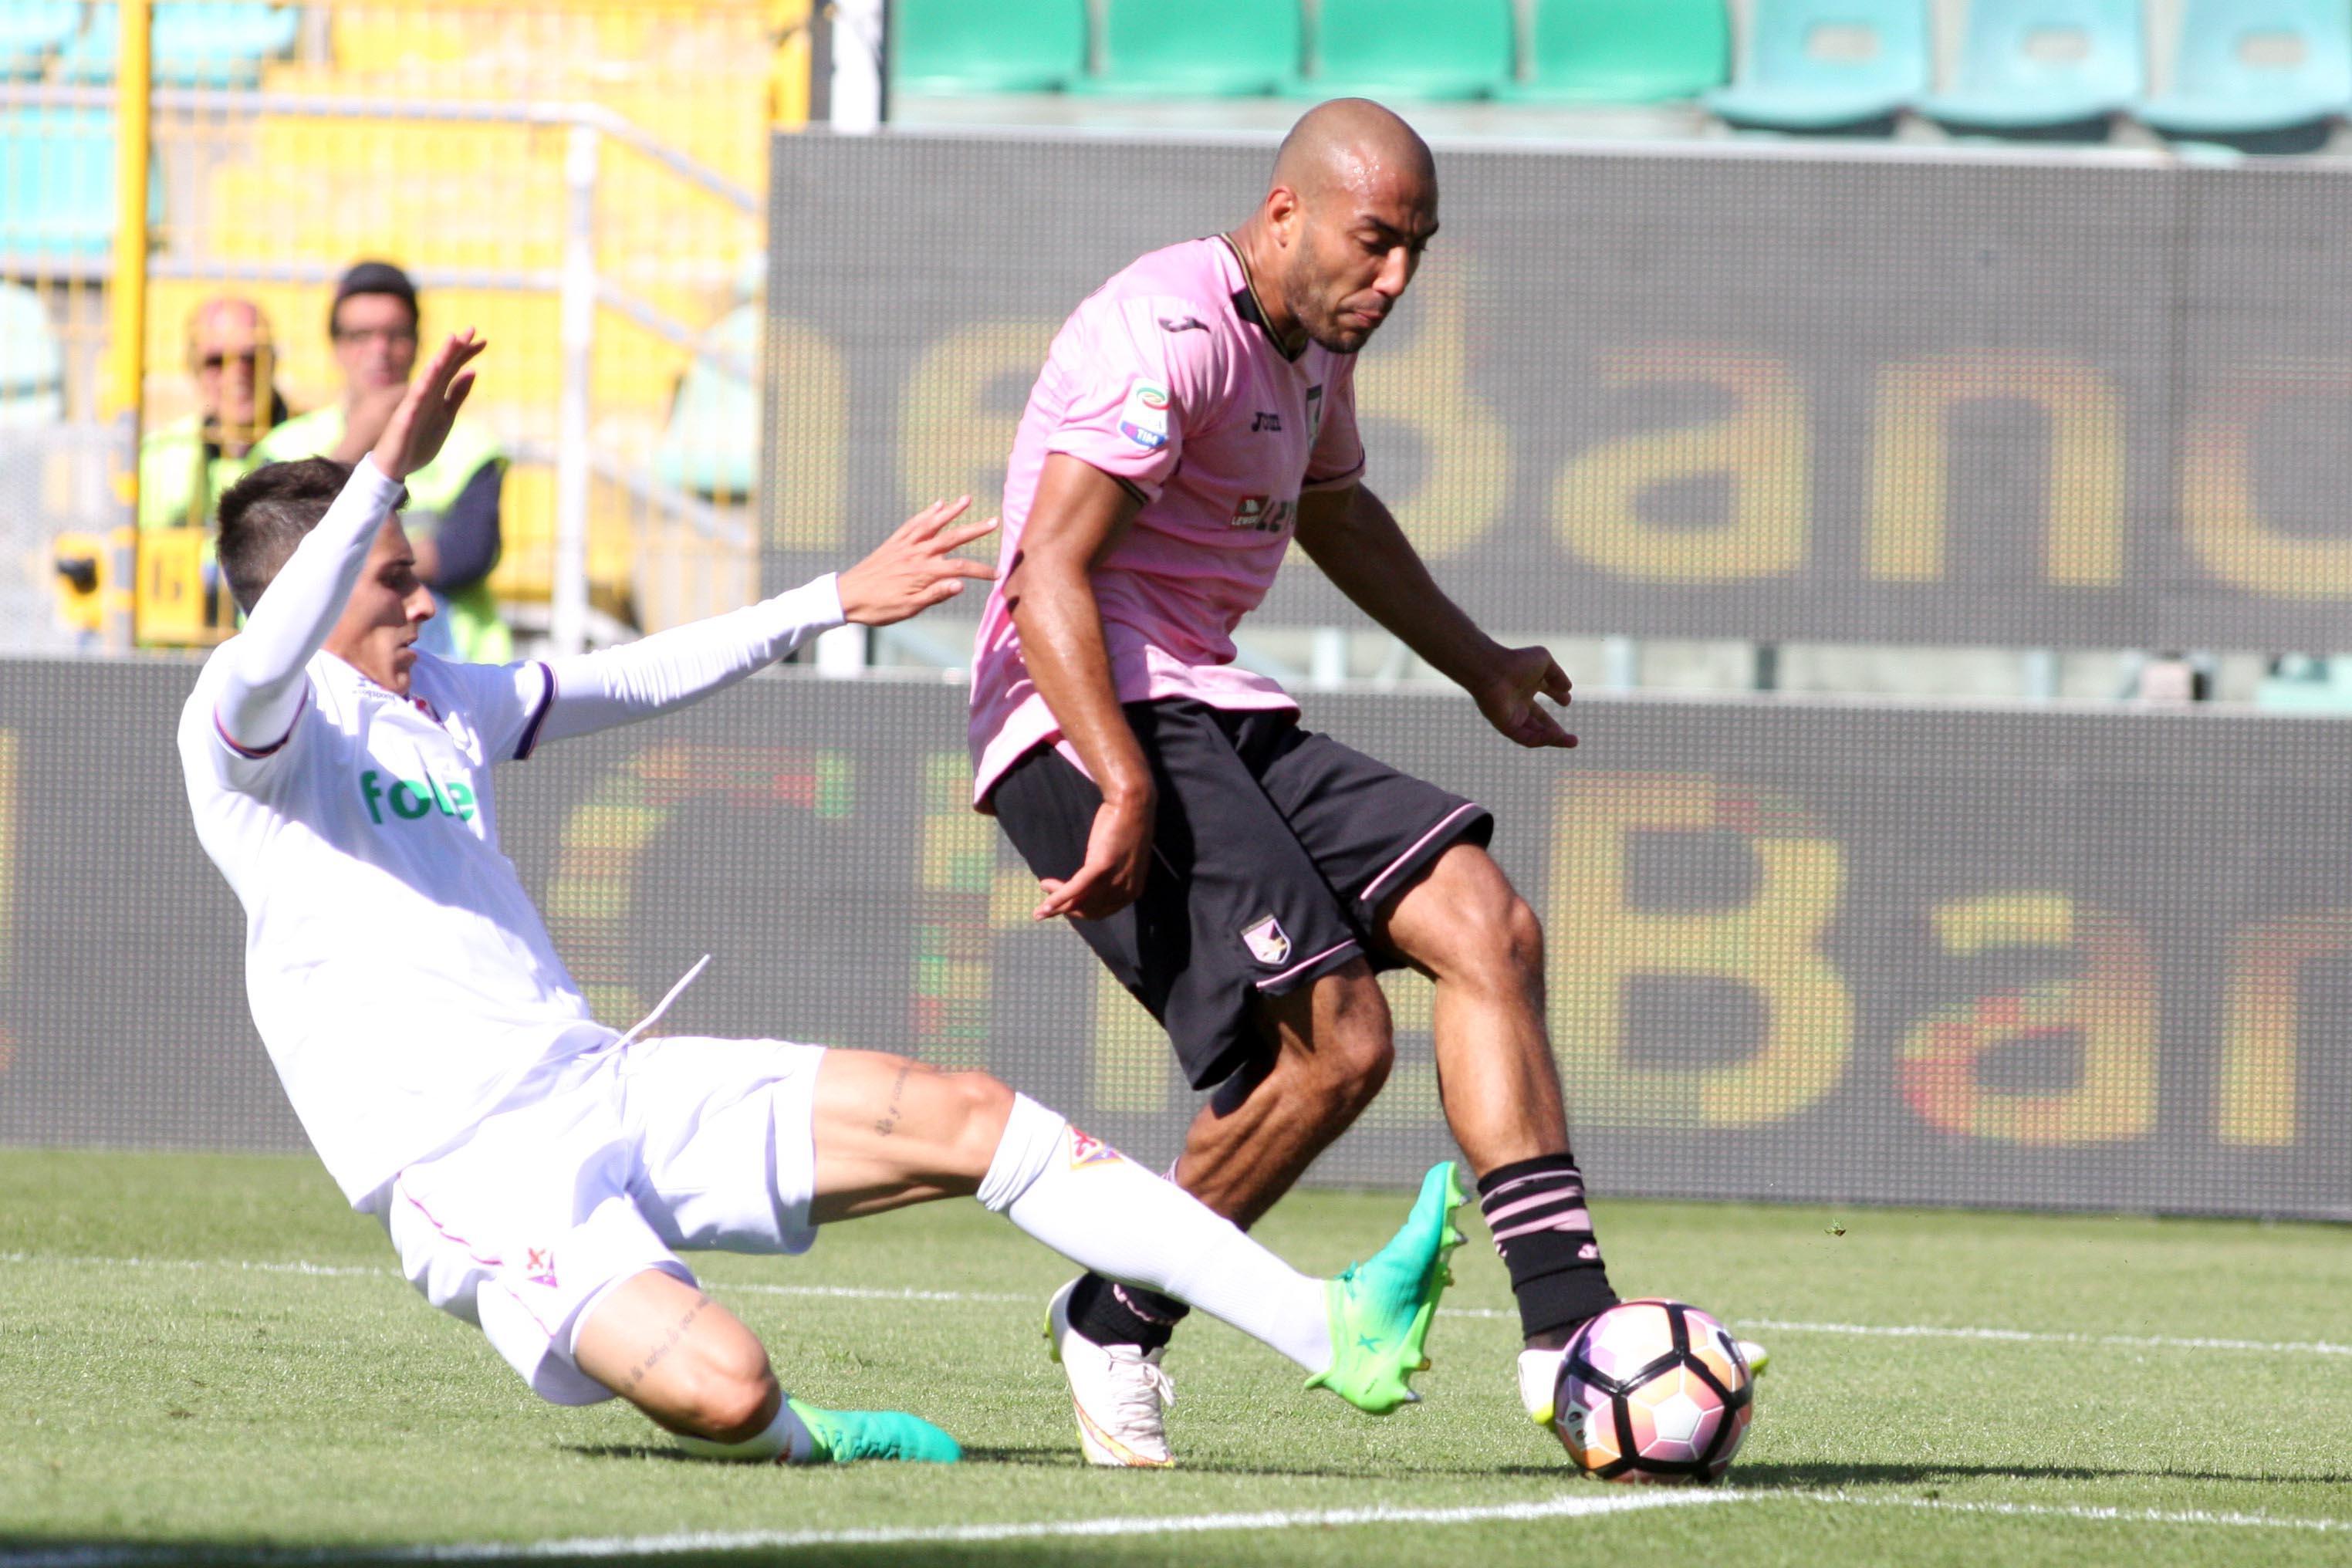 Serie B: super Cittadella, Palermo travolto 3-0. I rosanero perdono la vetta